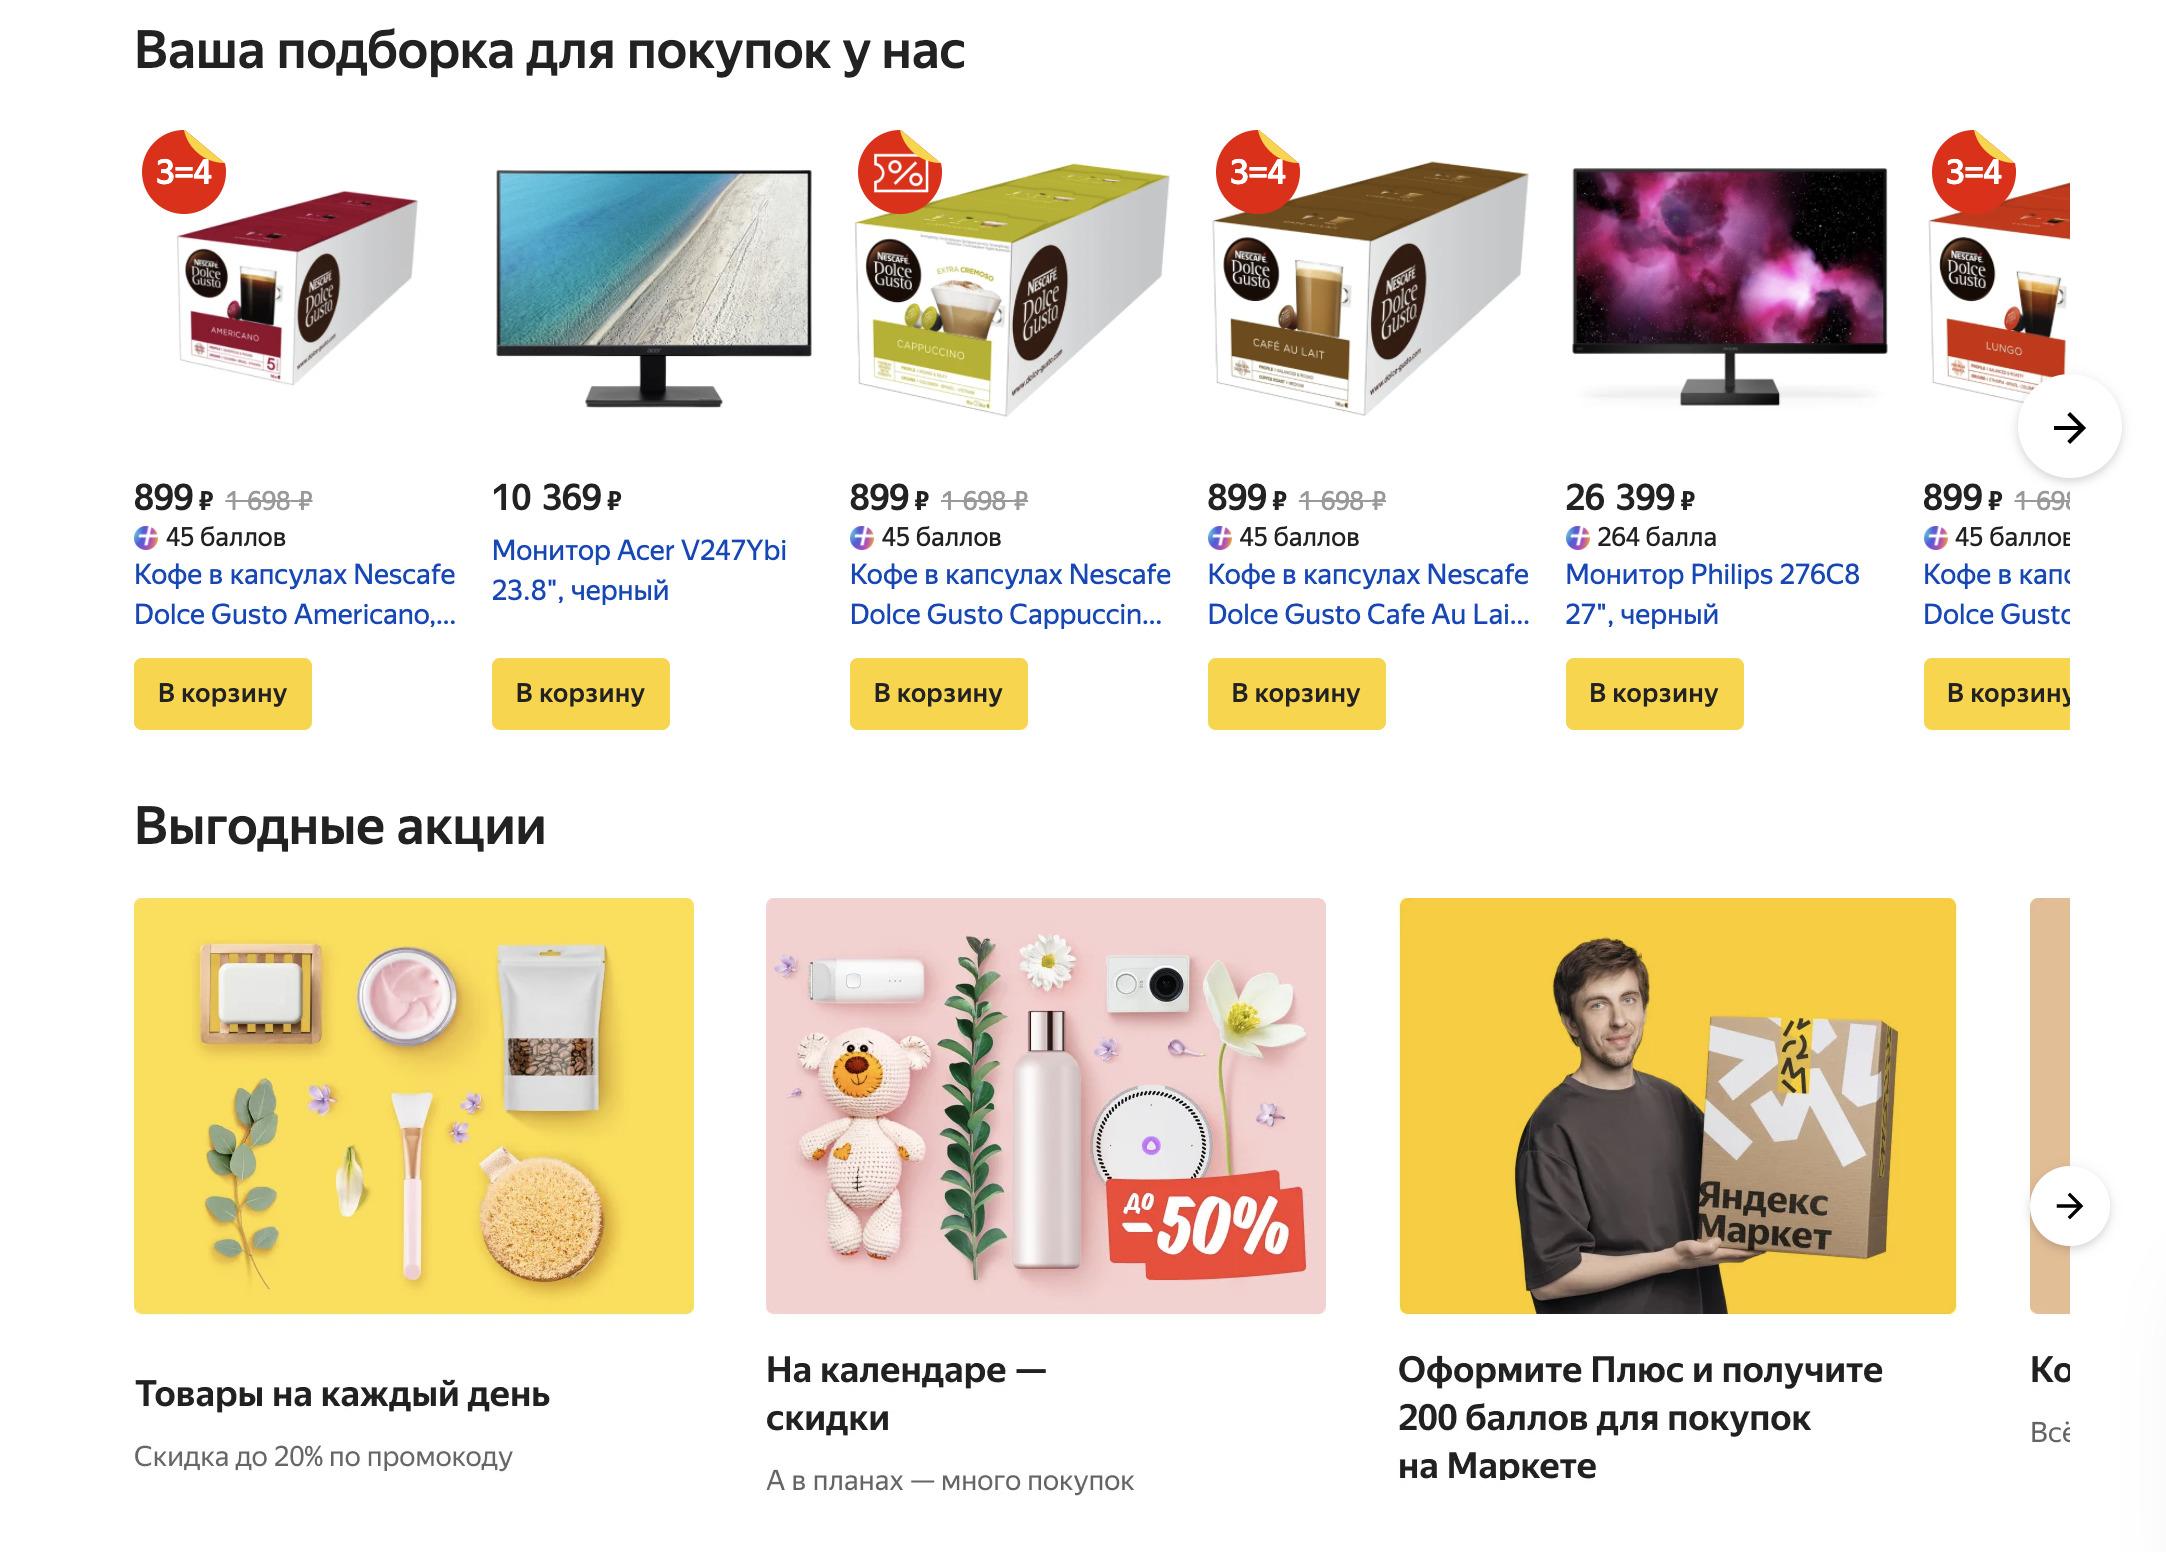 Доставка из Яндекс.Маркет в Тверь, сроки, пункты выдачи, каталог